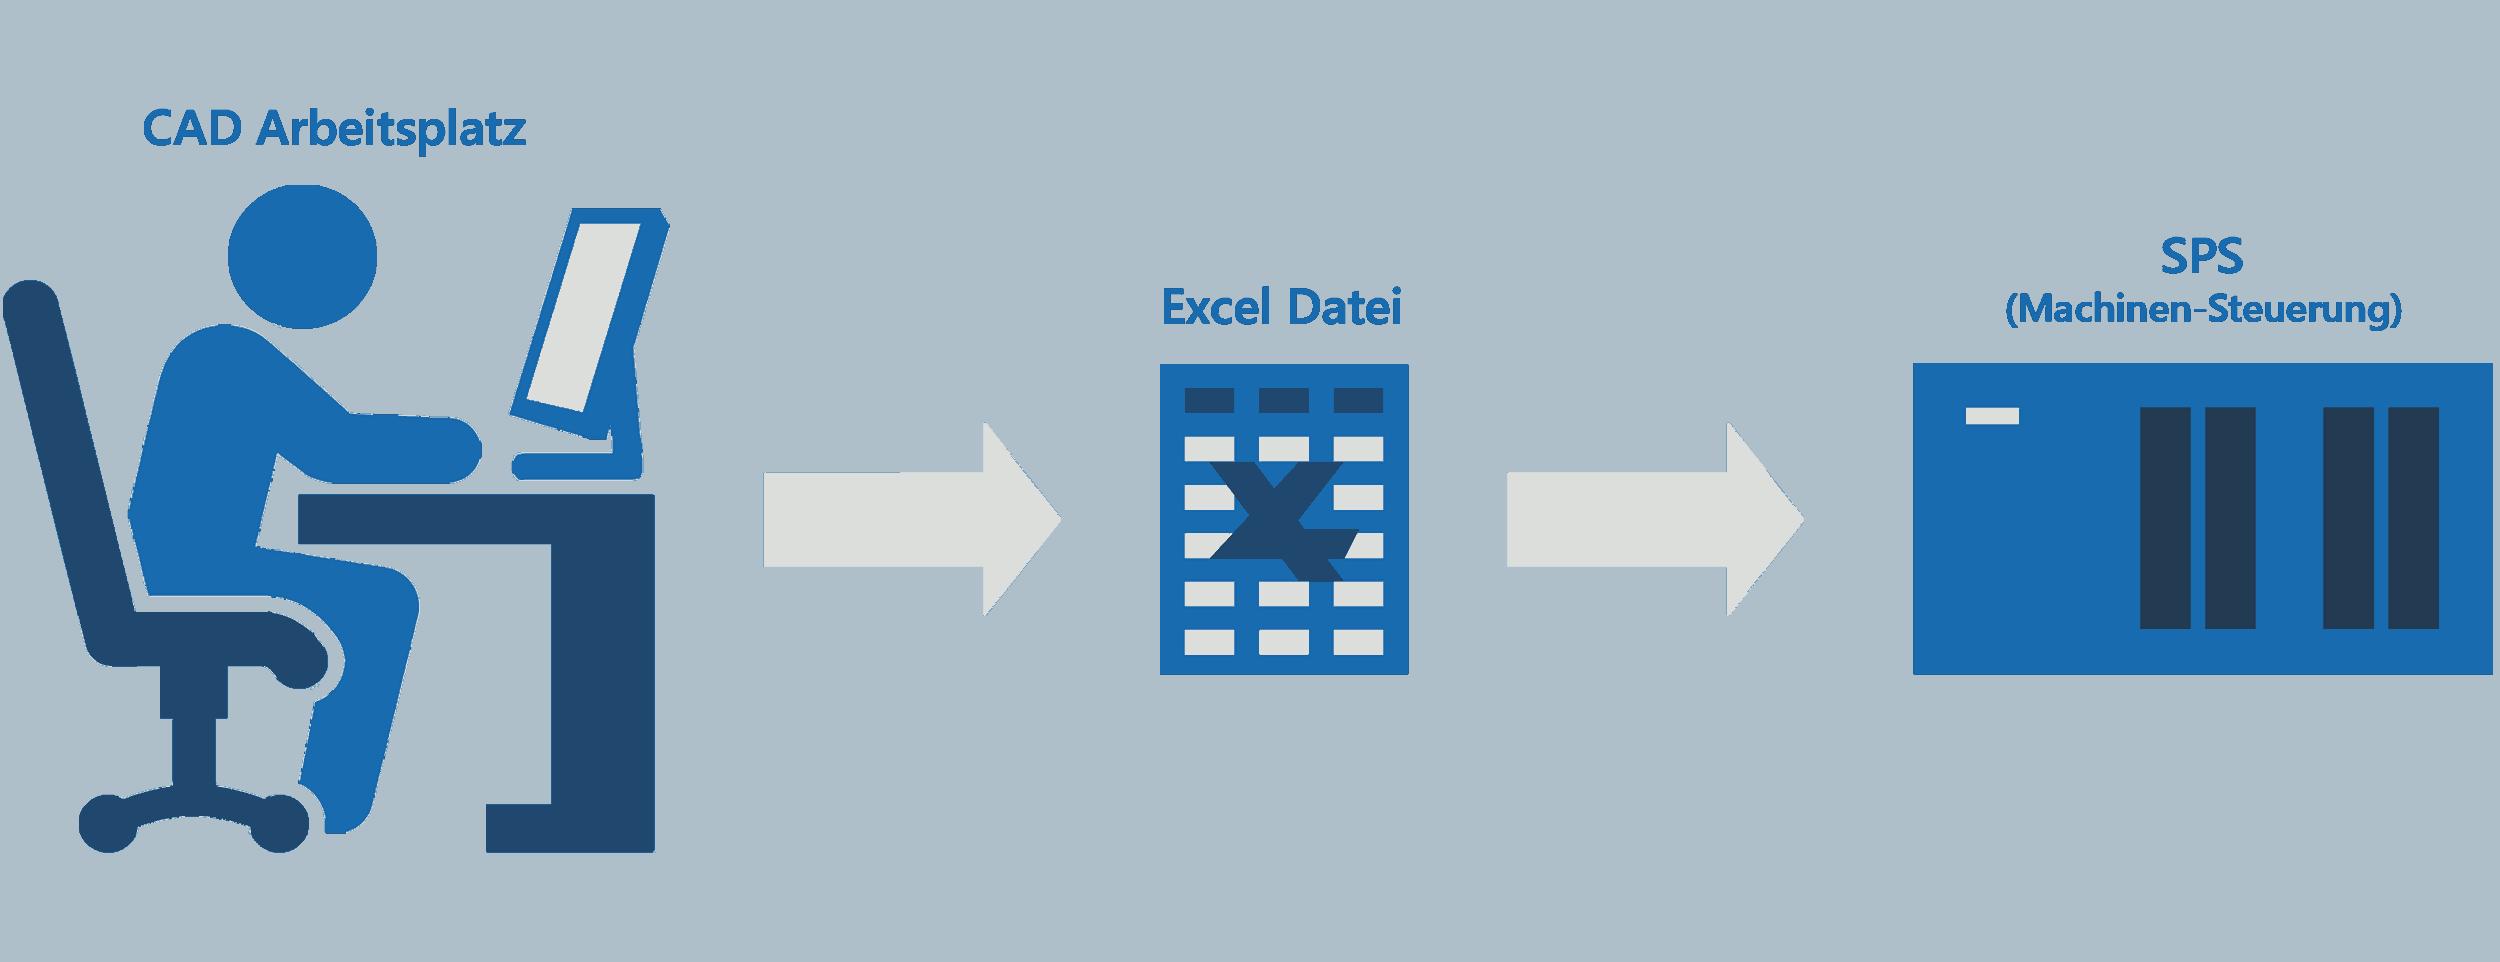 Excel-Dateien steuern Bolzenheftmaschine (MES, MDE, CAM) - MB